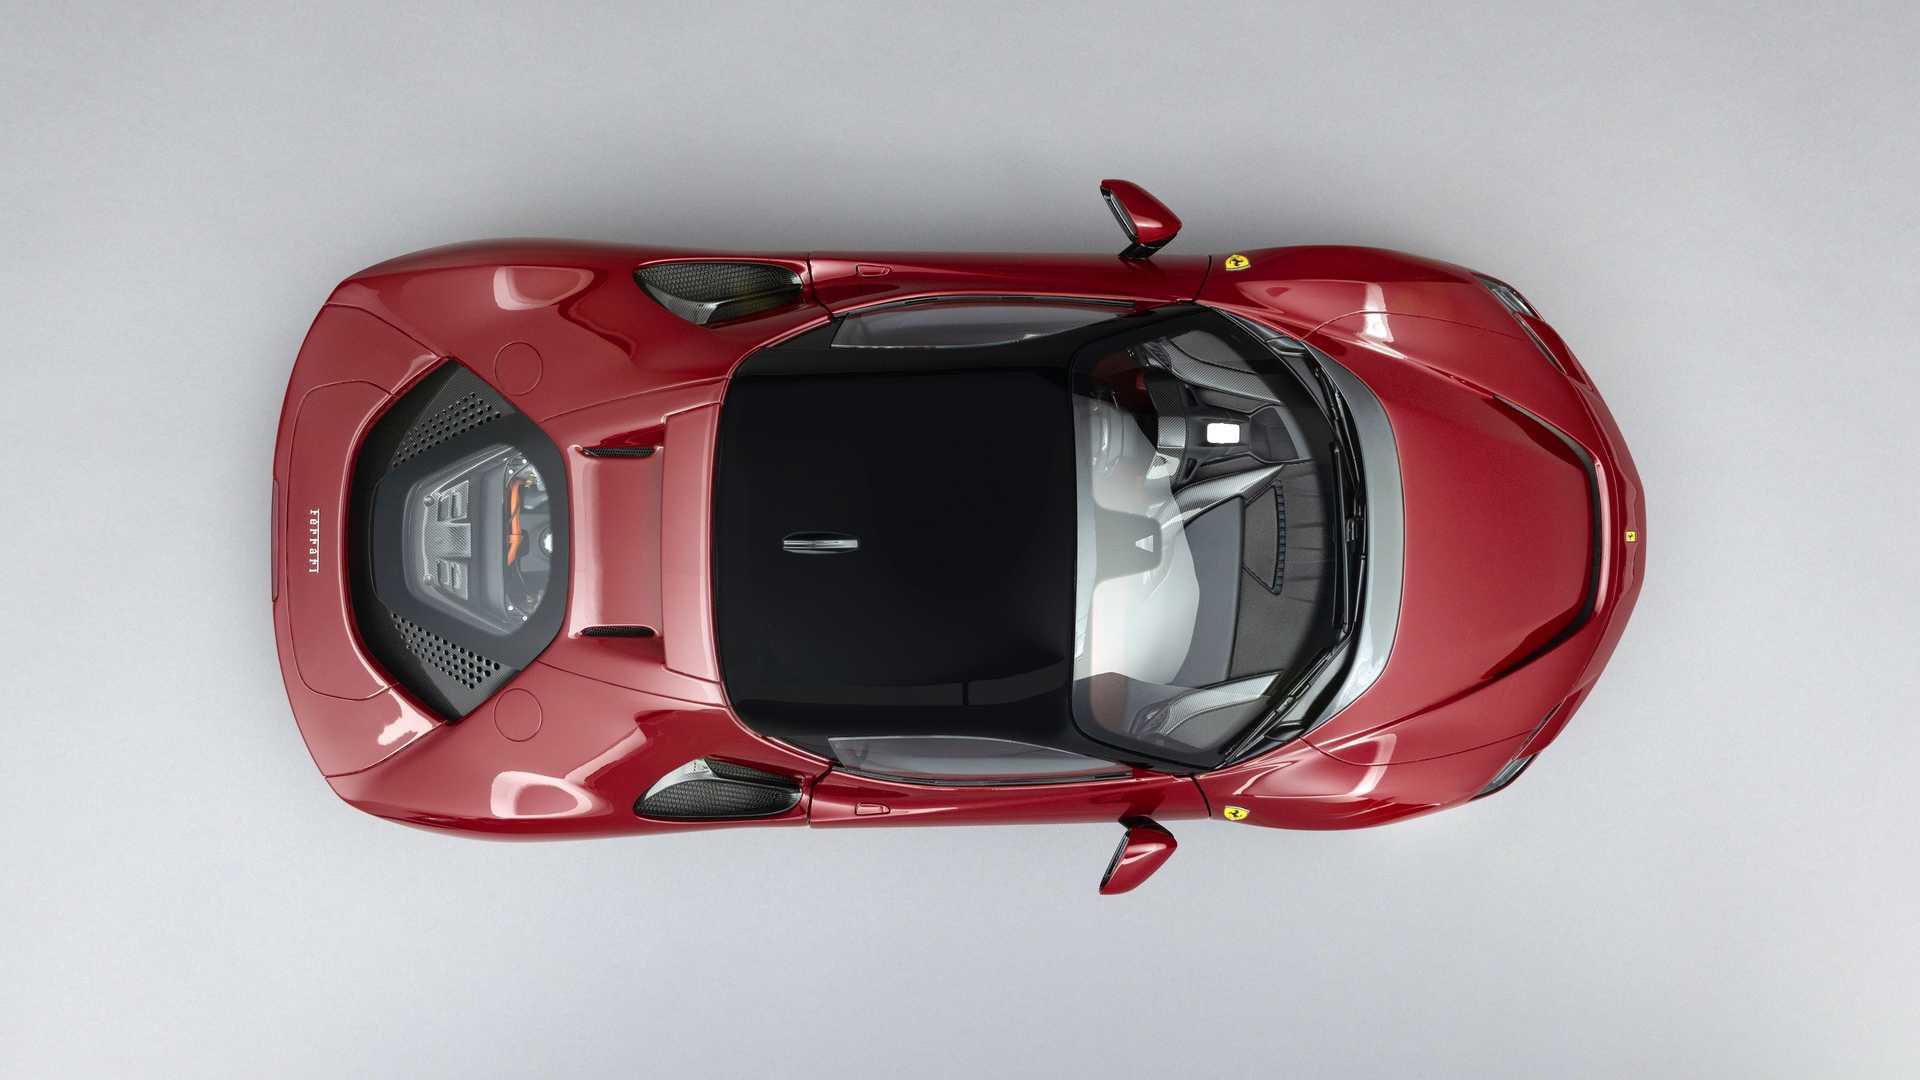 Ferrari SF90 Stradale Scale Model By Amalgam